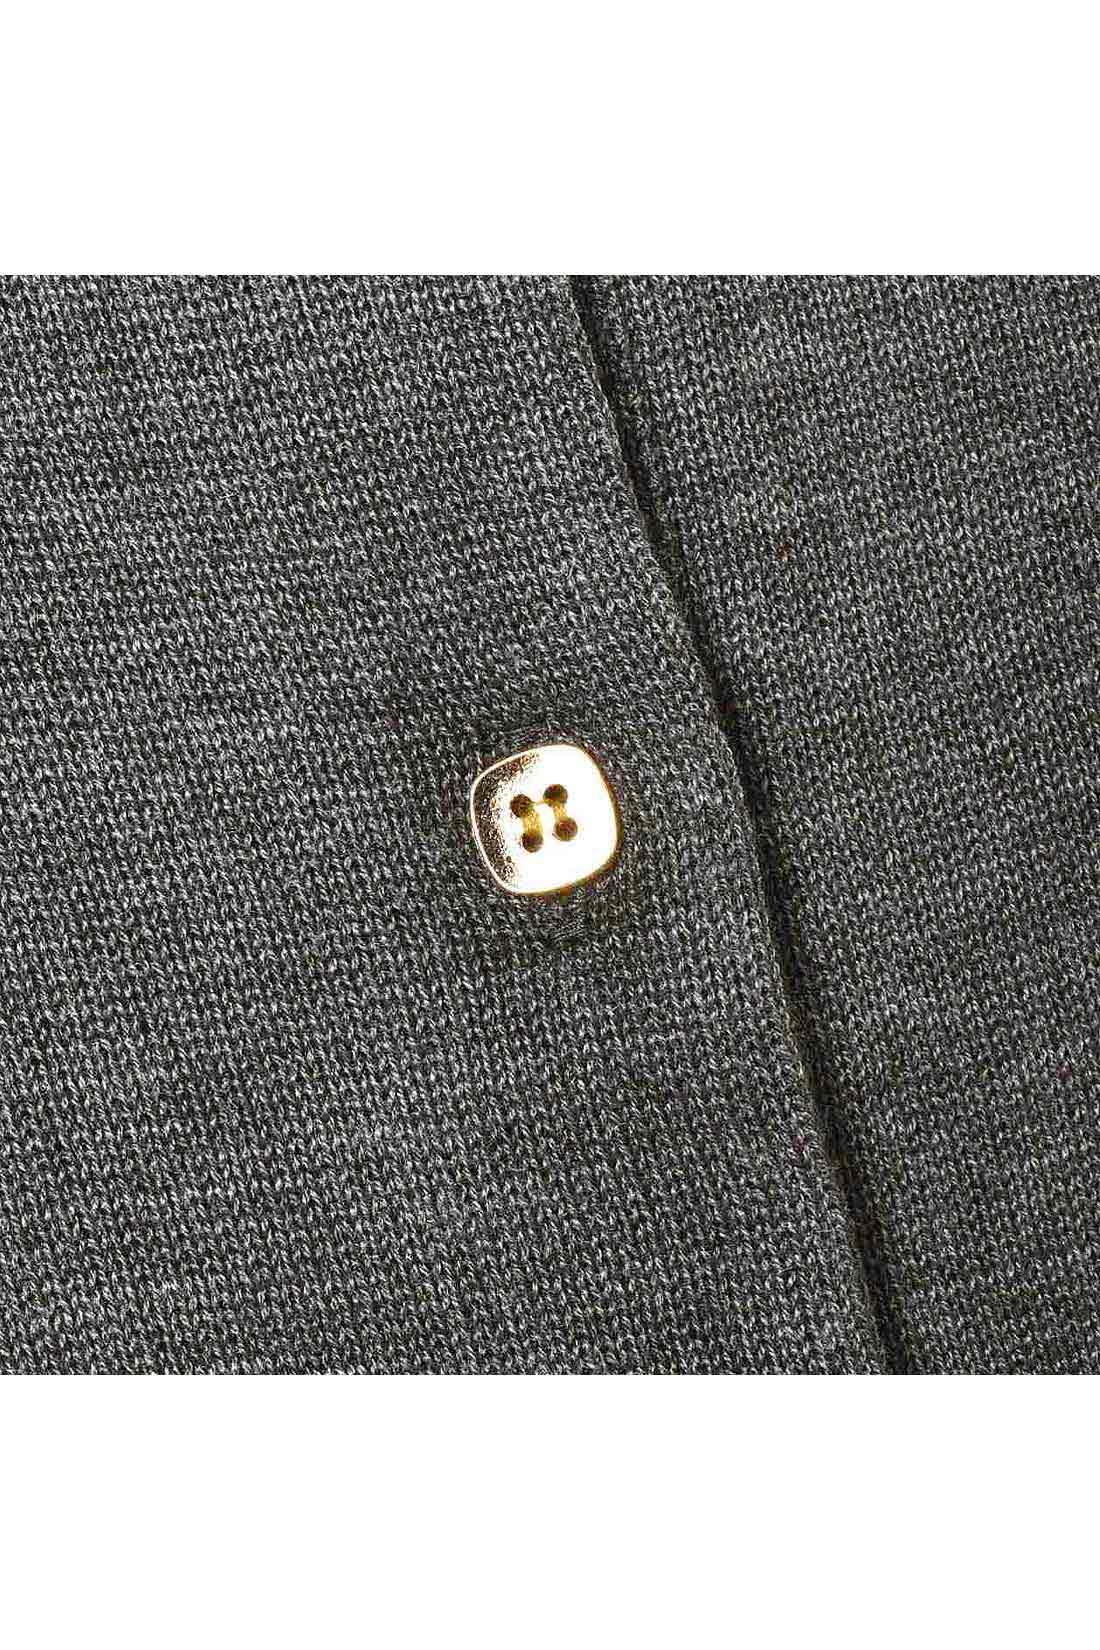 [グレー]金ボタンがキラリ。やや薄手のニットです。